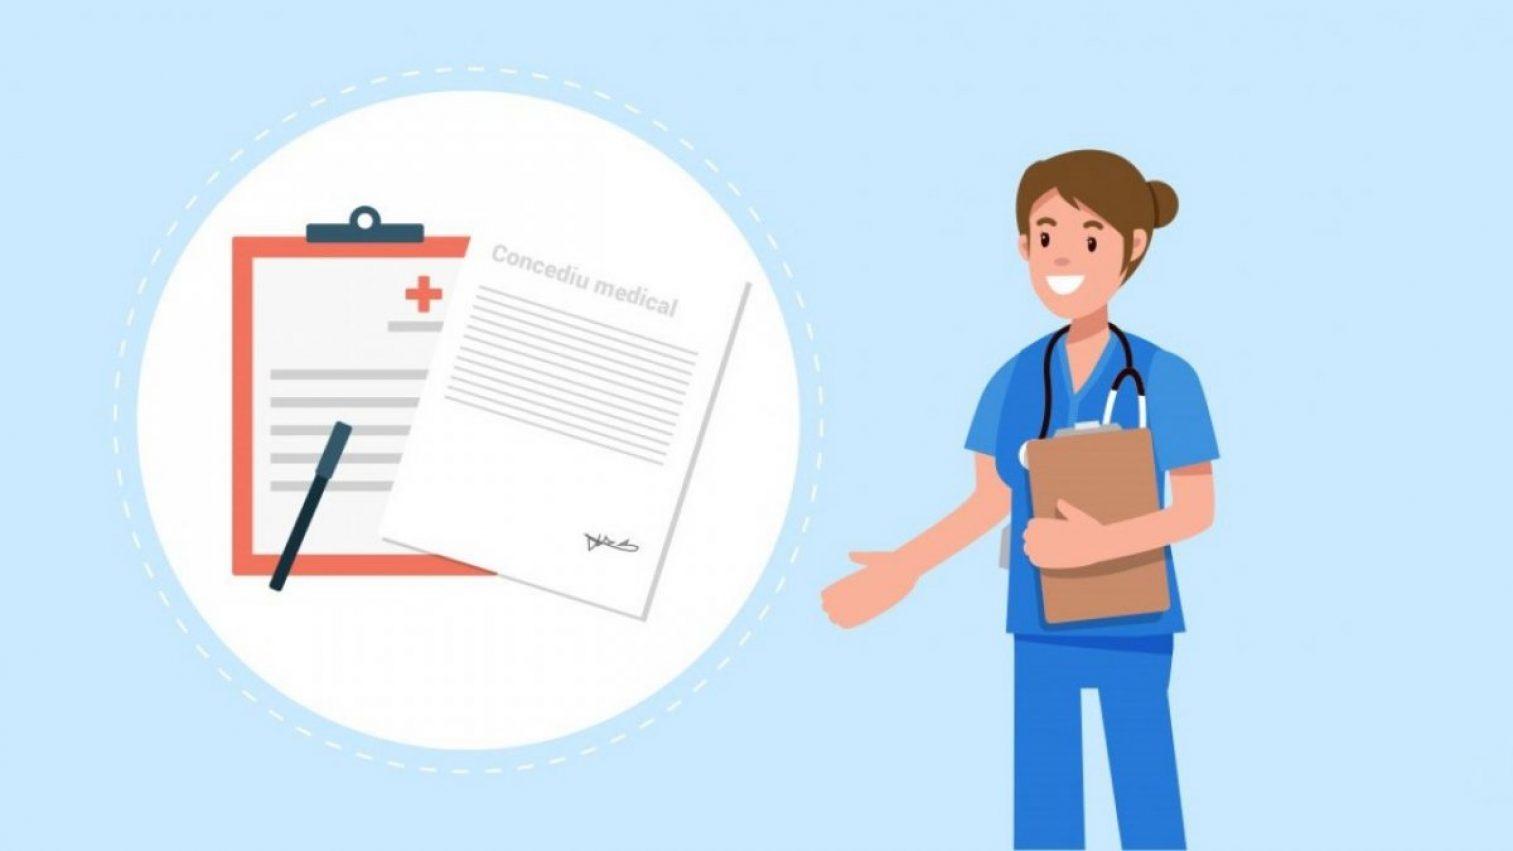 Schimbări importante privind concediul medical de duminică. Cum se acordă concediul de carantină timp de 5 zile? De la 1 august intră în vigoare noile măsuri